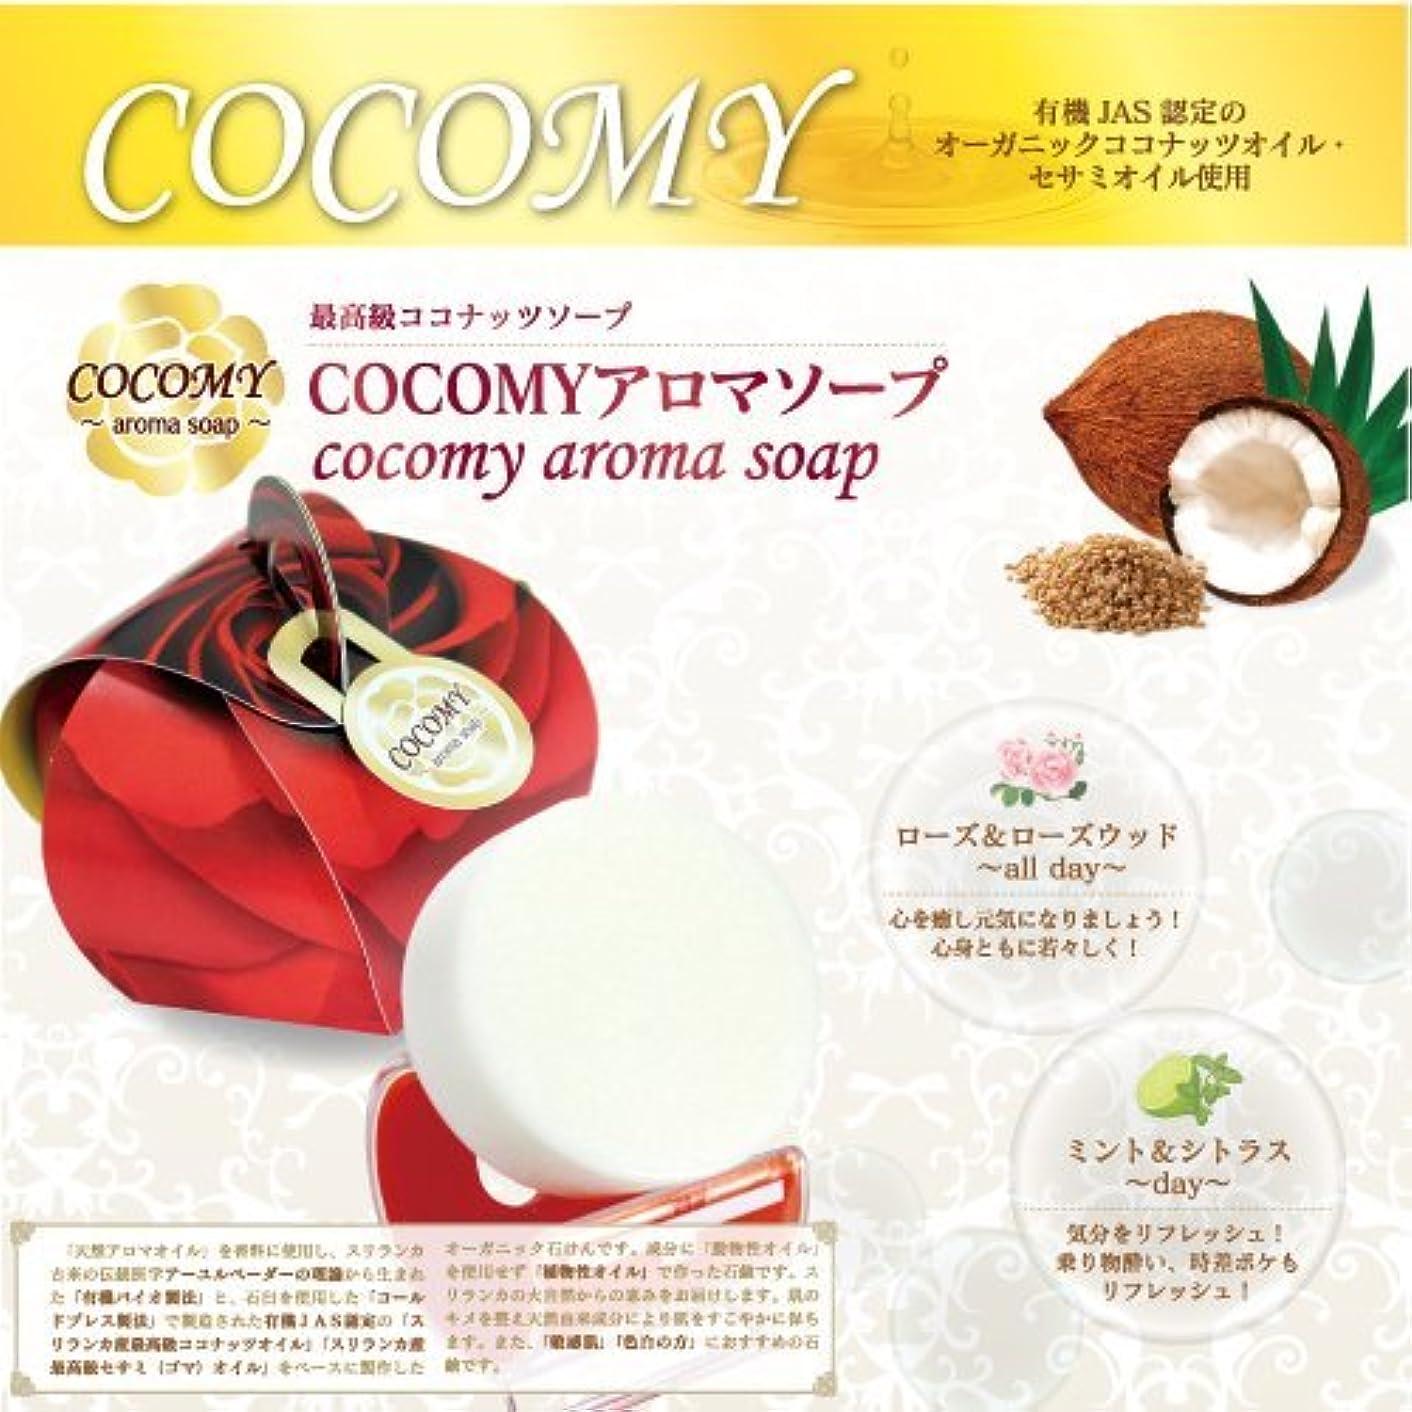 吸収ストライプ探偵COCOMY aromaソープ 4個セット (ミント&シトラス)(ローズ&ローズウッド) 40g×各2